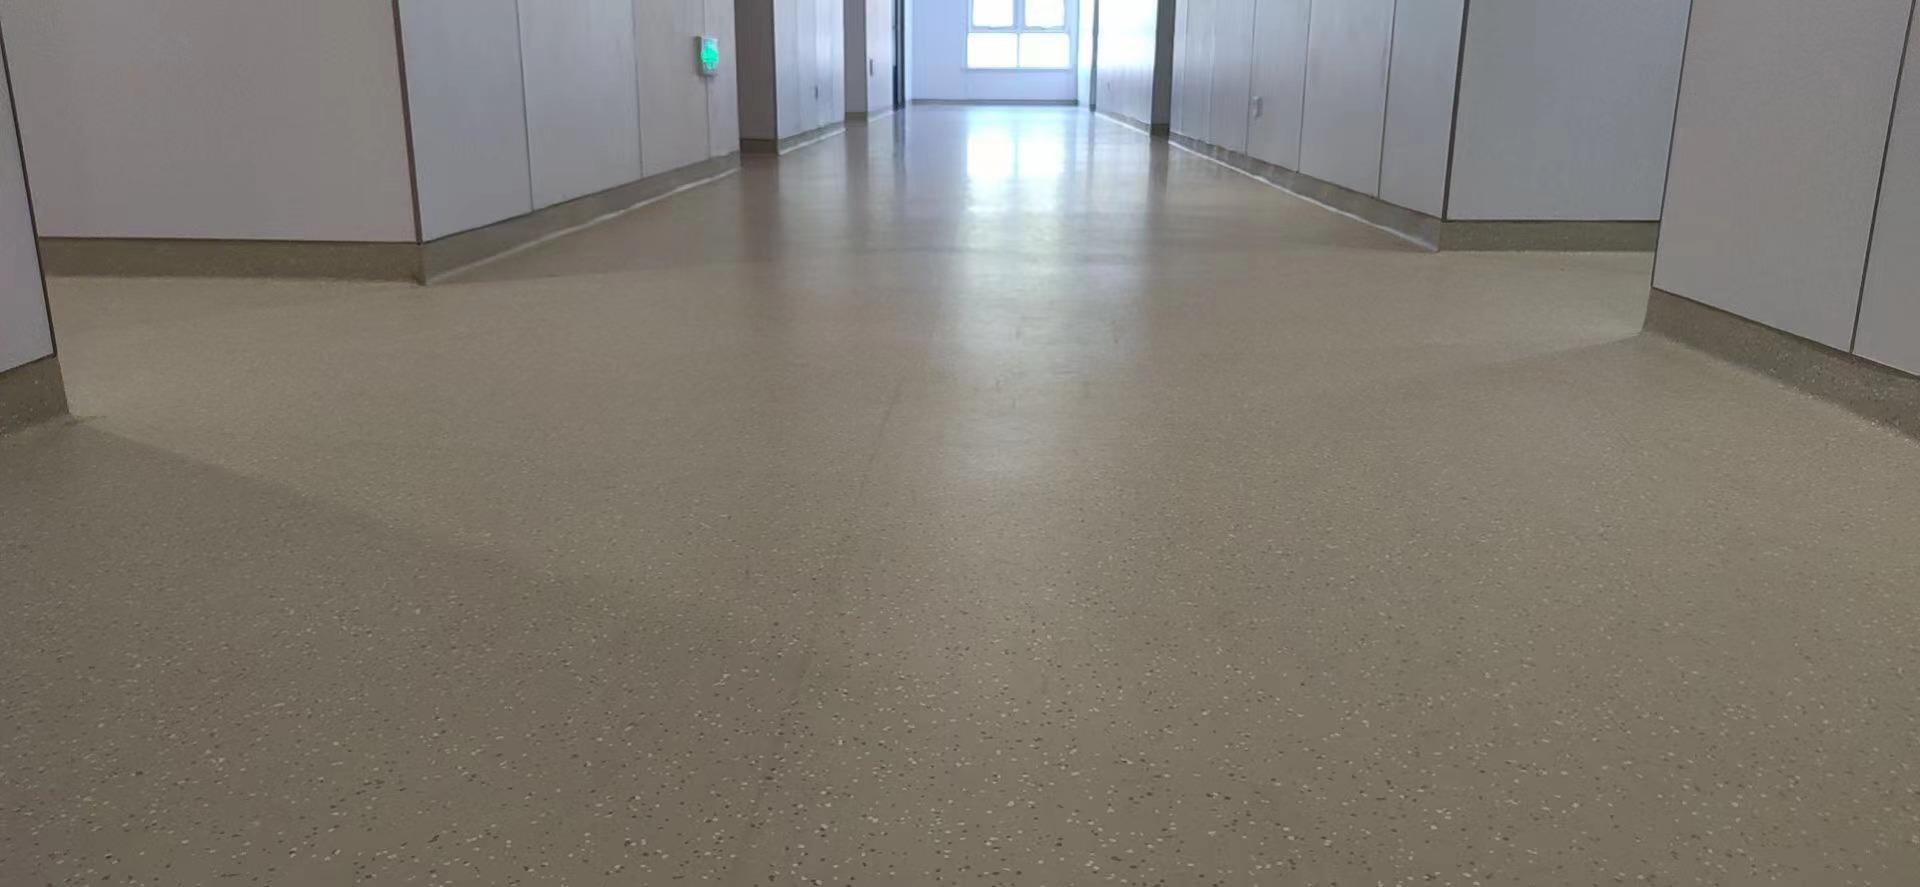 橡胶地板卷材